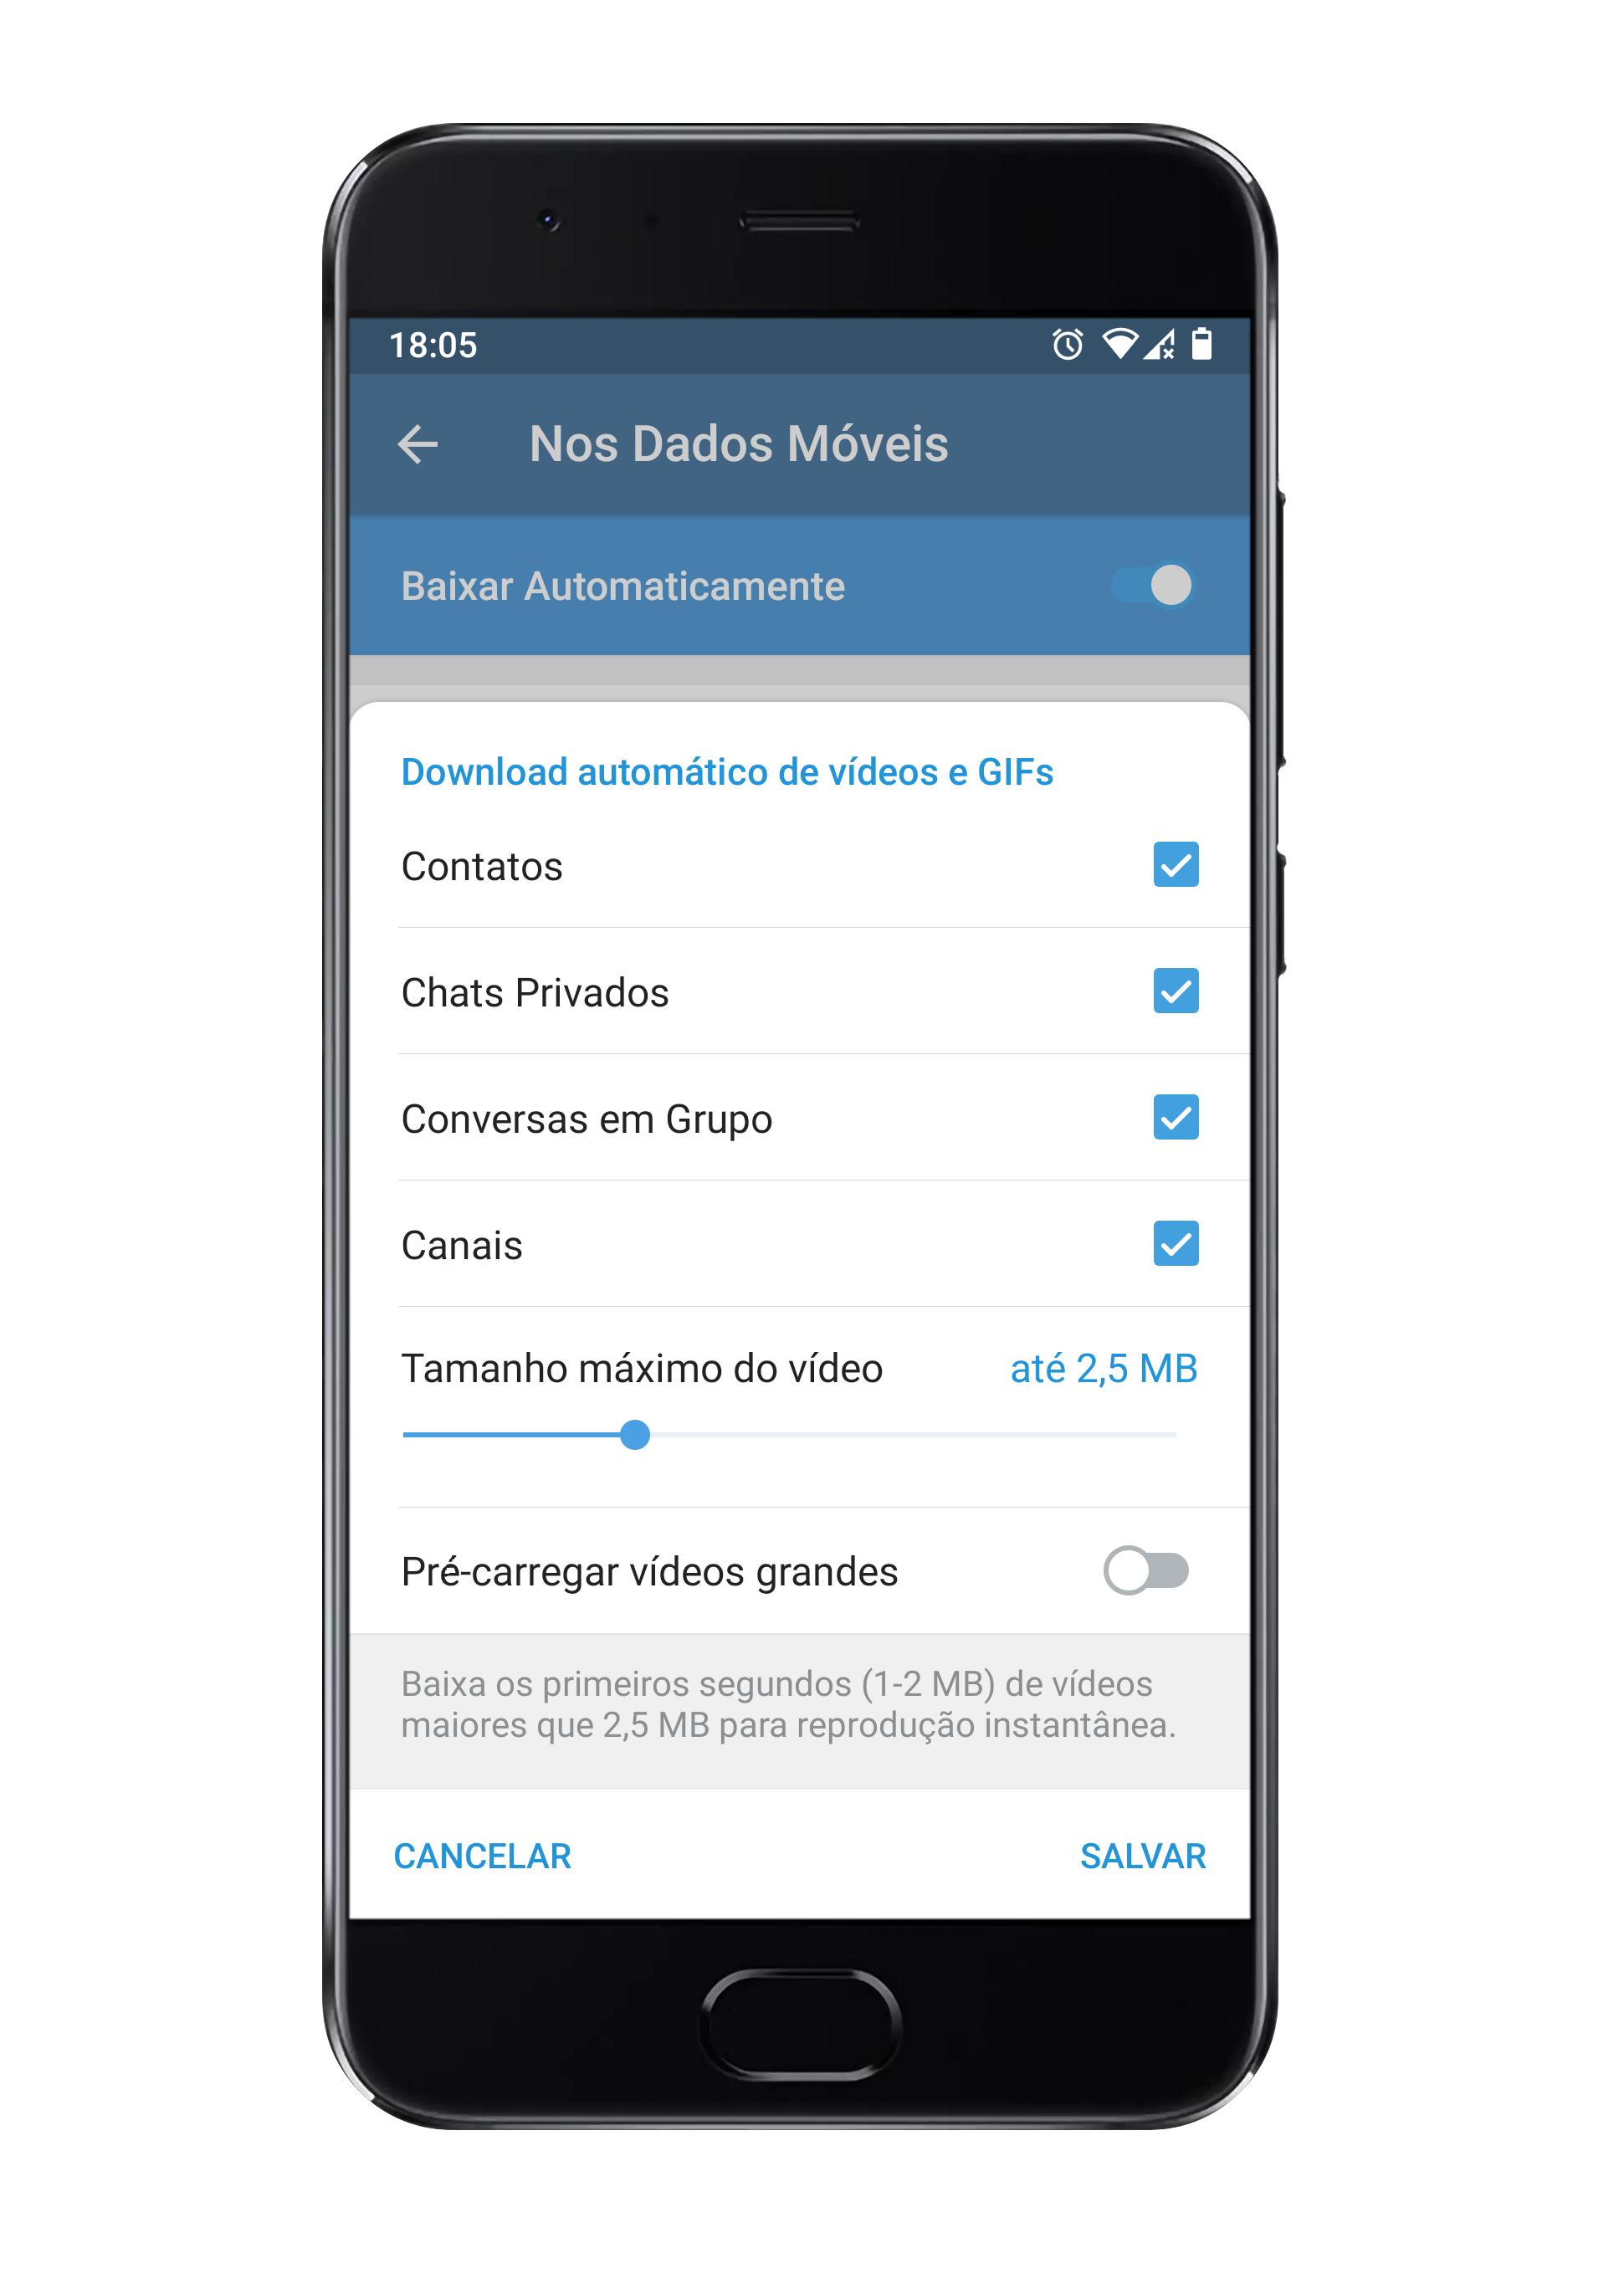 Configurações de download automático de vídeos e GIFs.